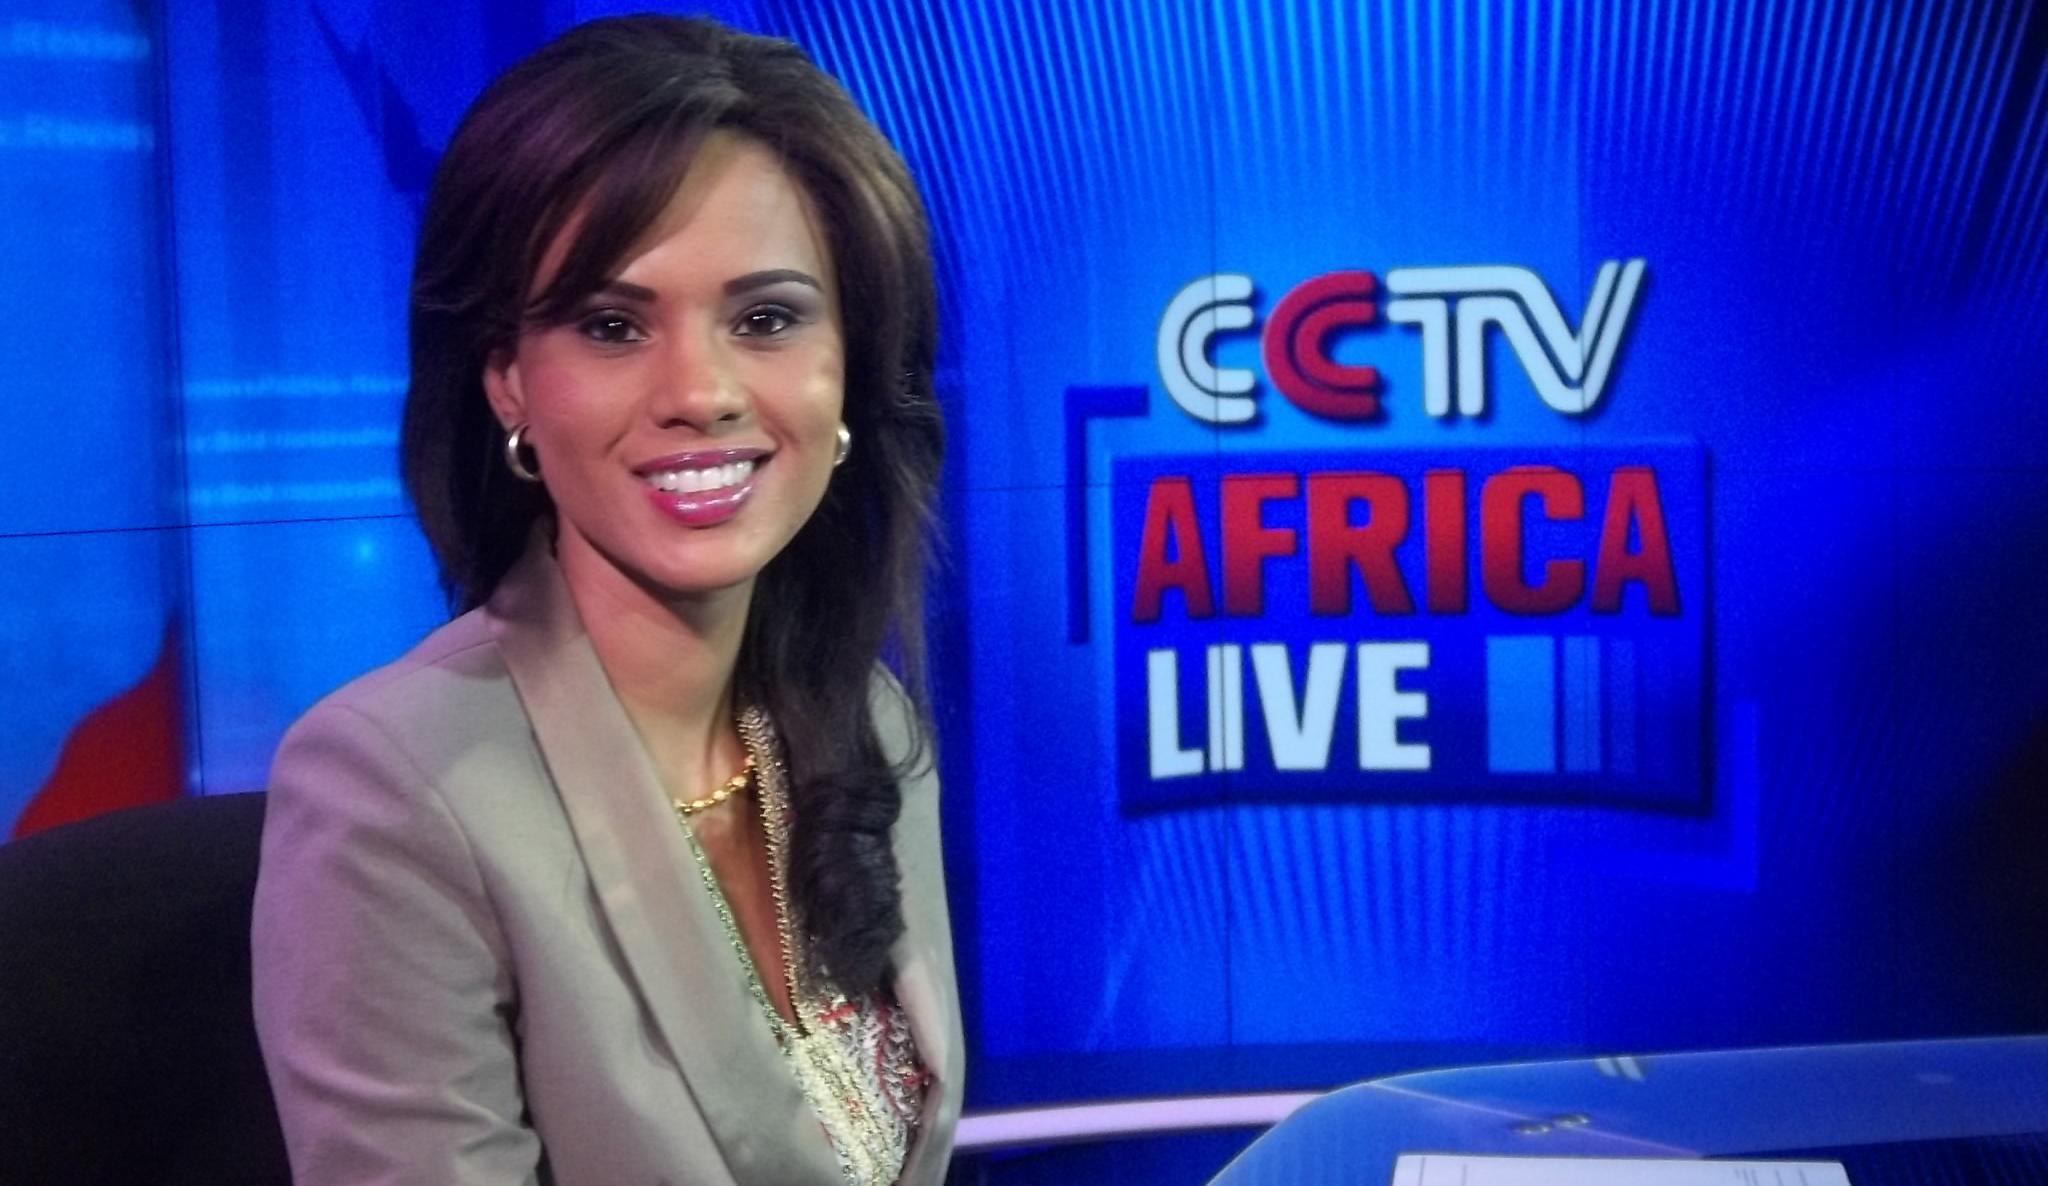 Image Result For Cctv Africa Live